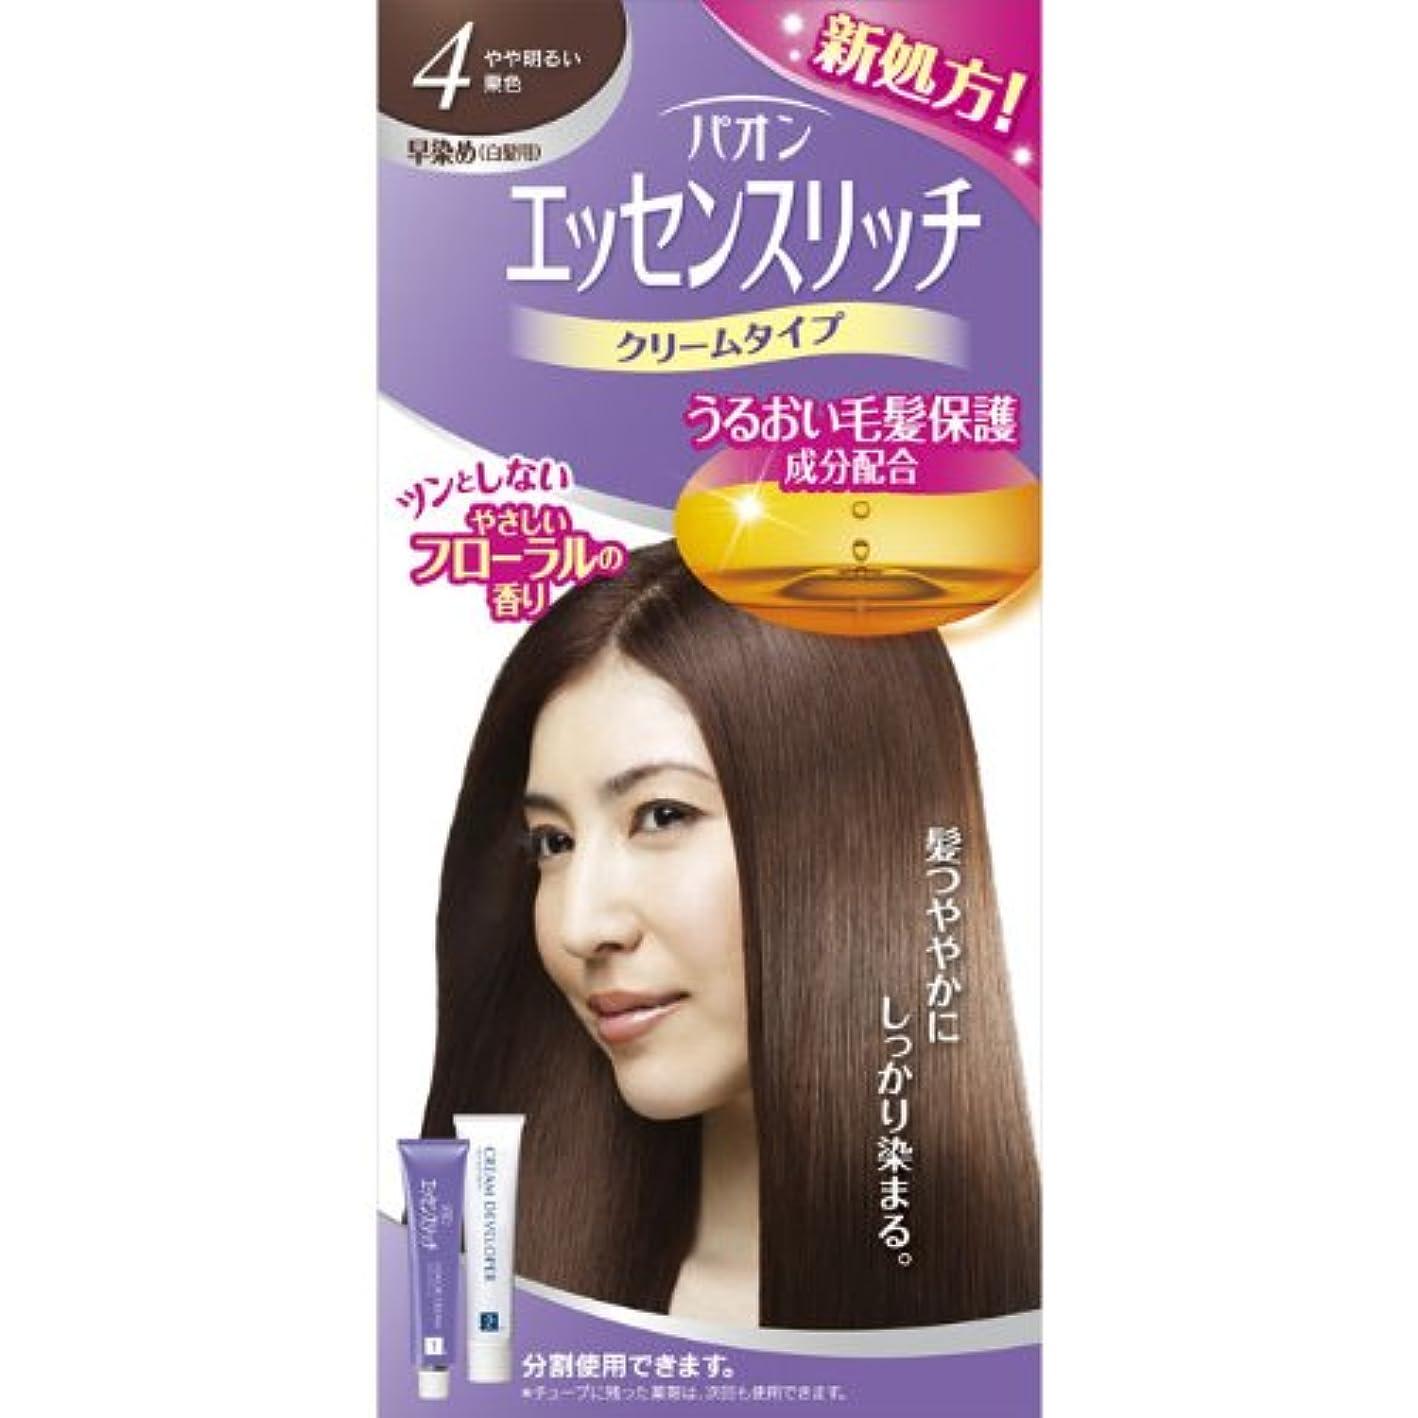 ヘンケルライオンコスメティックス パオン エッセンスリッチ クリームタイプ 4 やや明るい栗色 40g+40g (医薬部外品)